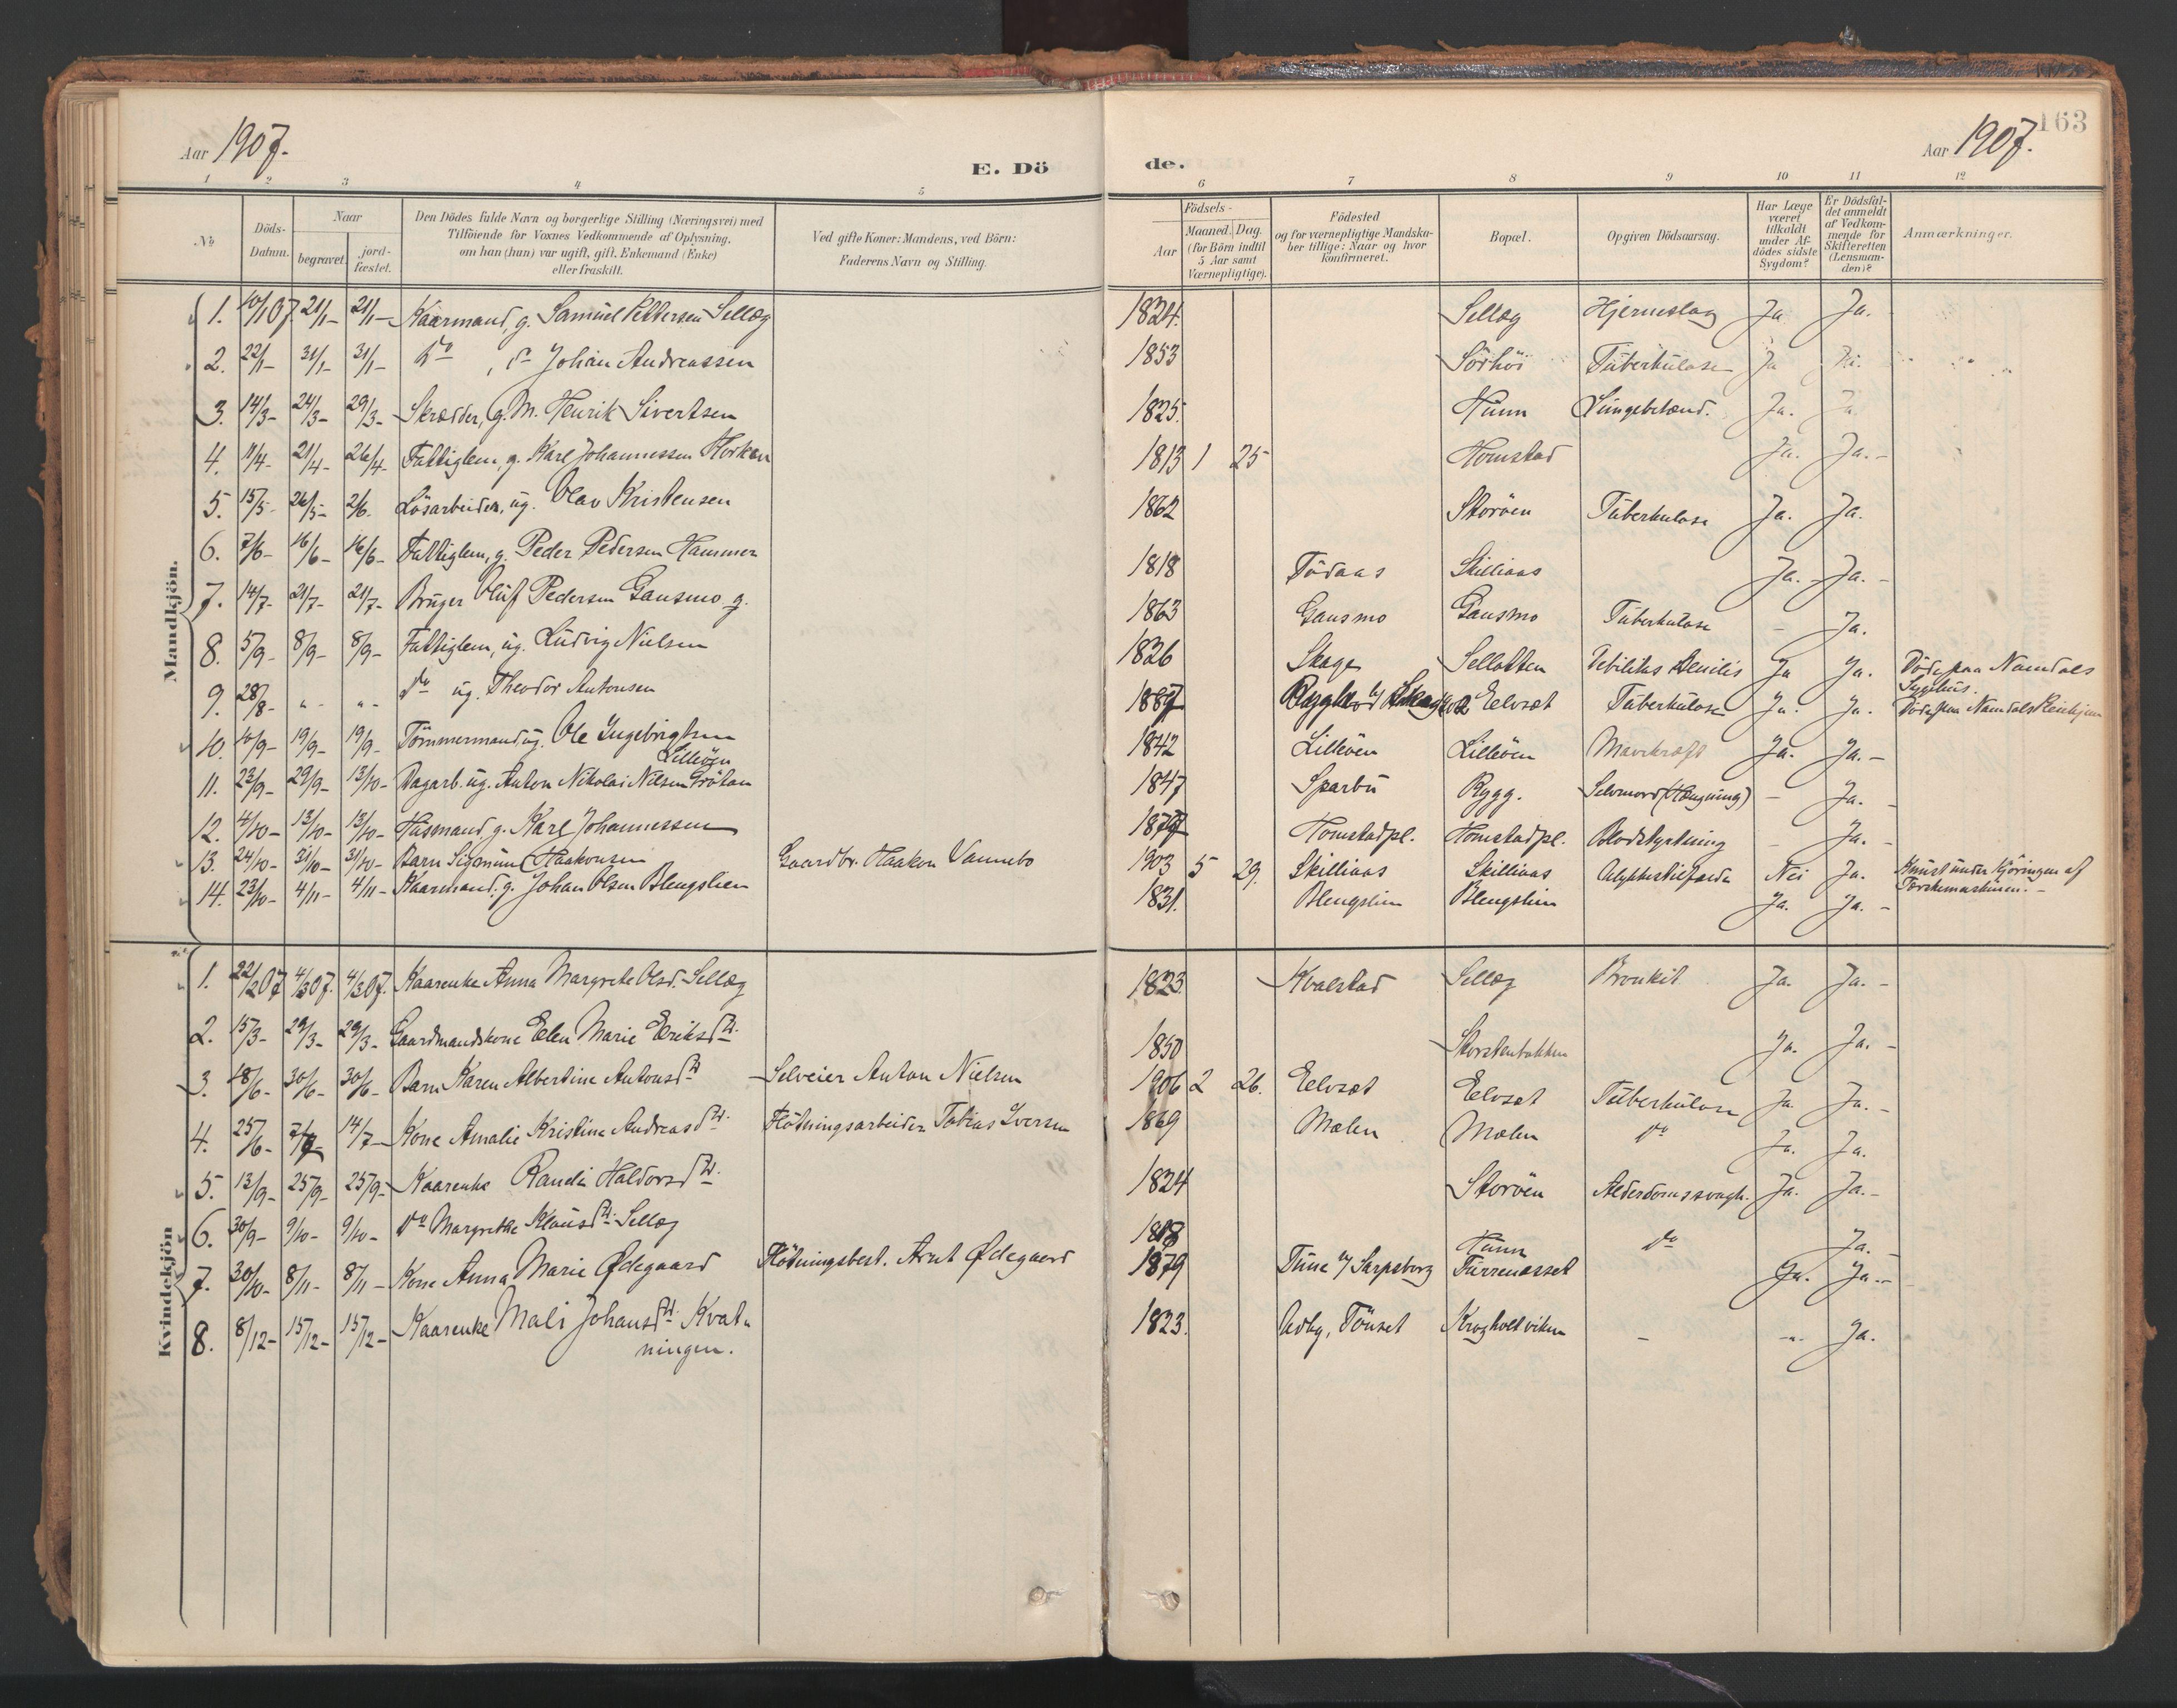 SAT, Ministerialprotokoller, klokkerbøker og fødselsregistre - Nord-Trøndelag, 766/L0564: Ministerialbok nr. 767A02, 1900-1932, s. 163